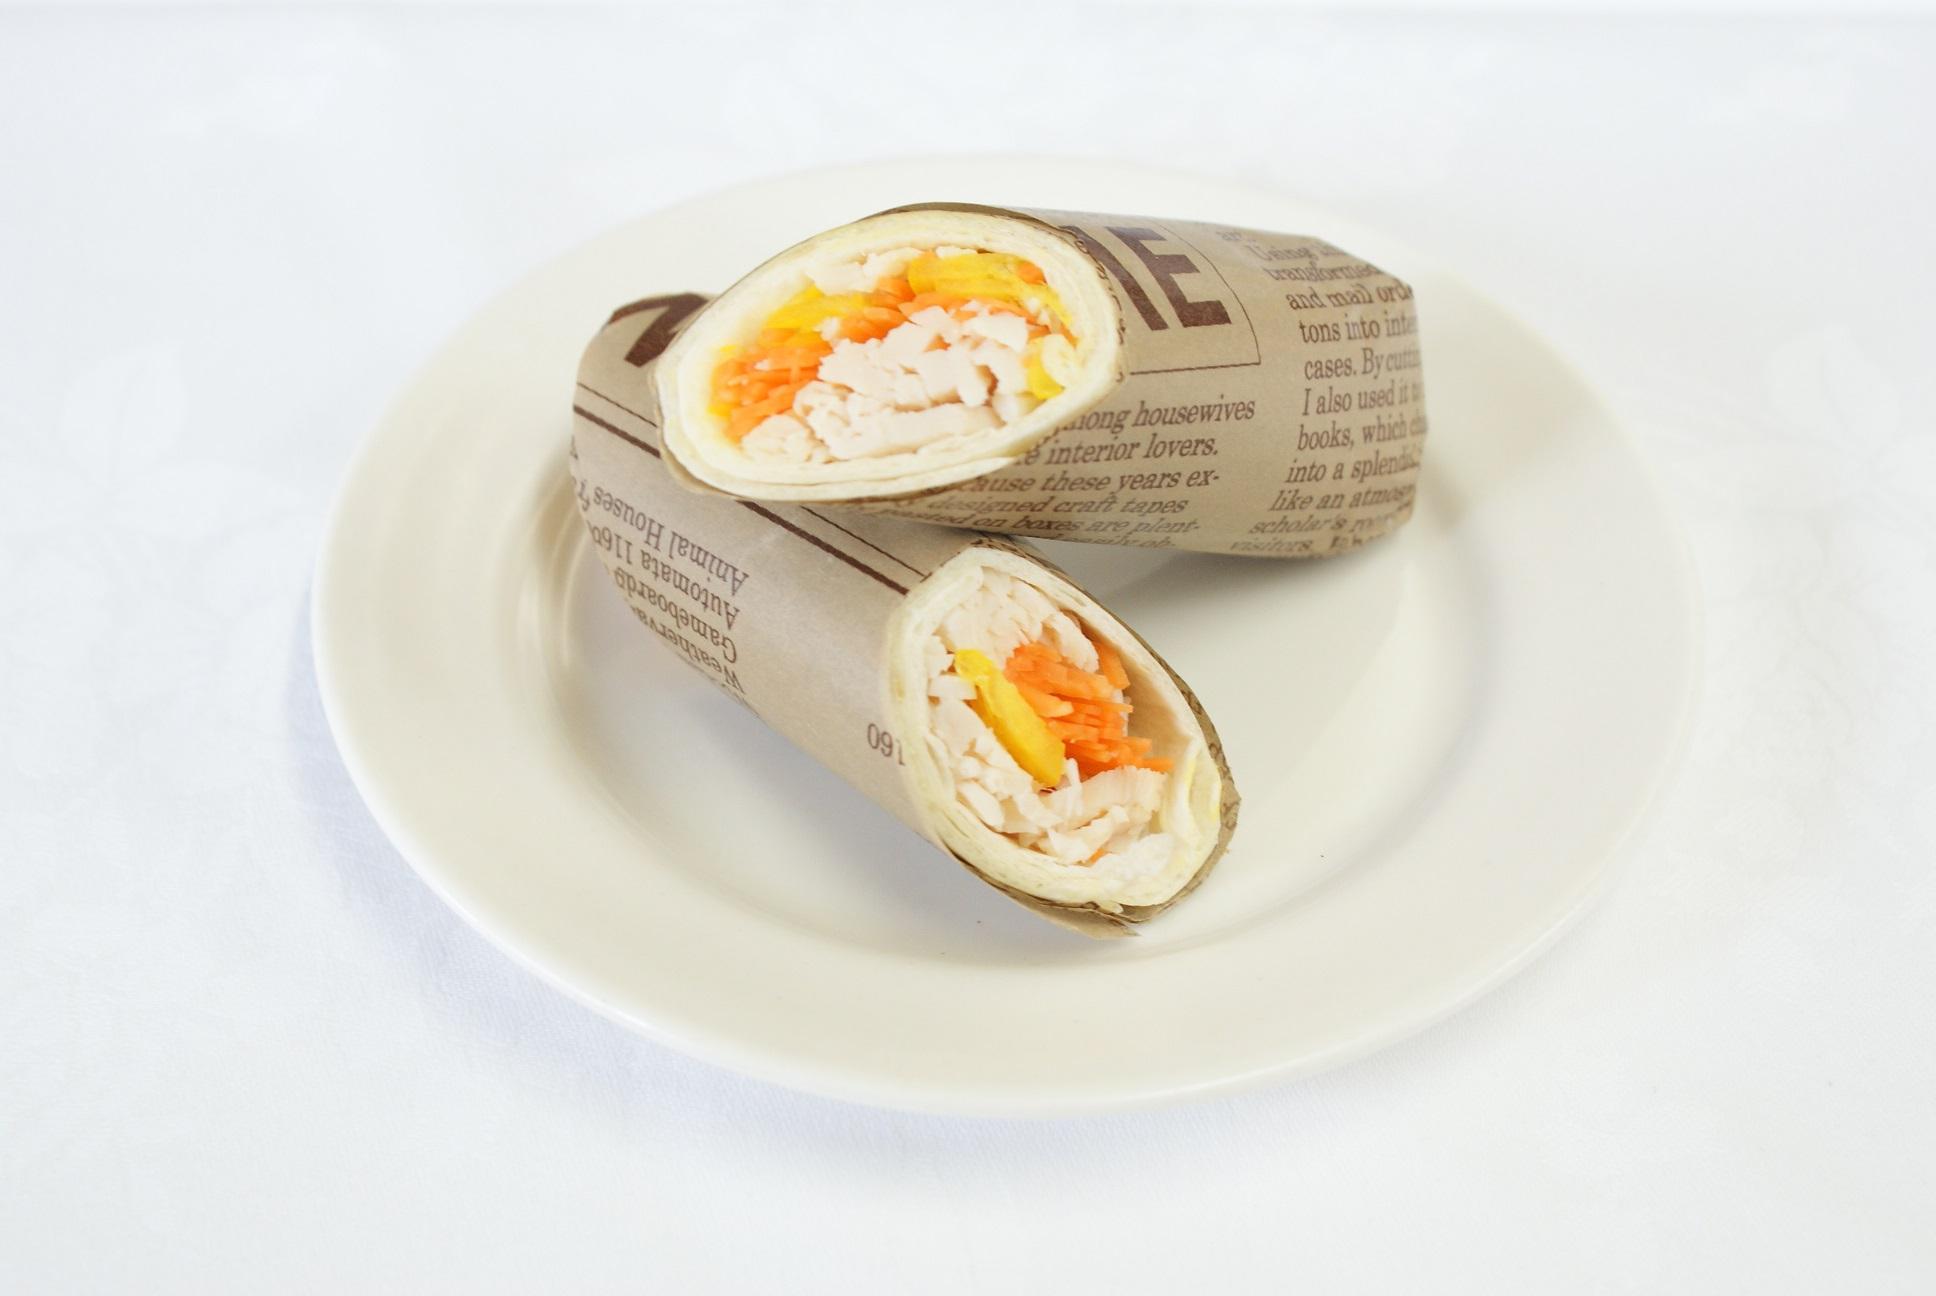 【完全個別包装のカップオードヴル】牛肉のソテーとフォアグラのロッシーニ風 と選べるカップオードヴル画像9